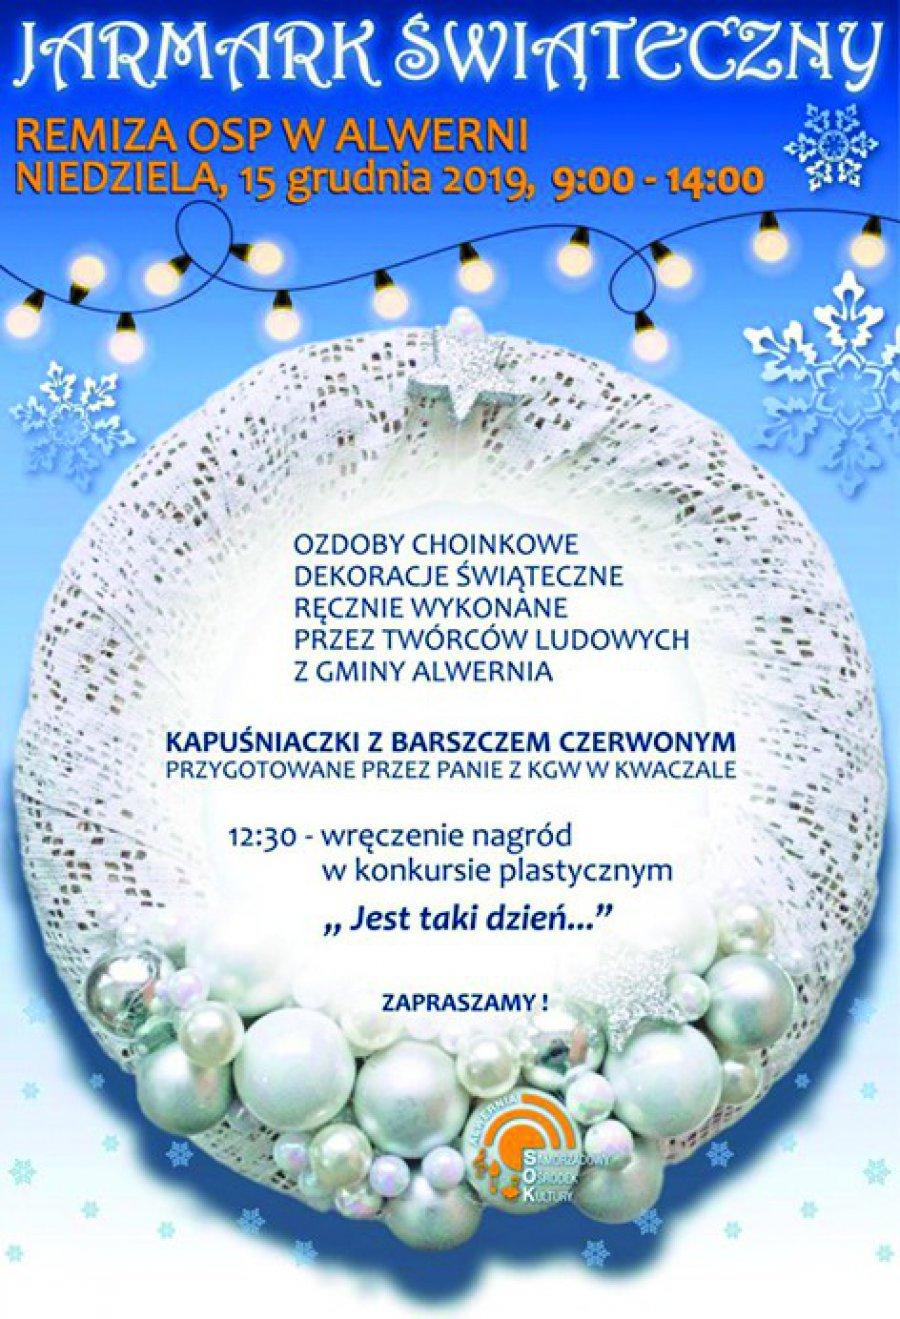 Jarmark Świąteczny w Alwerni